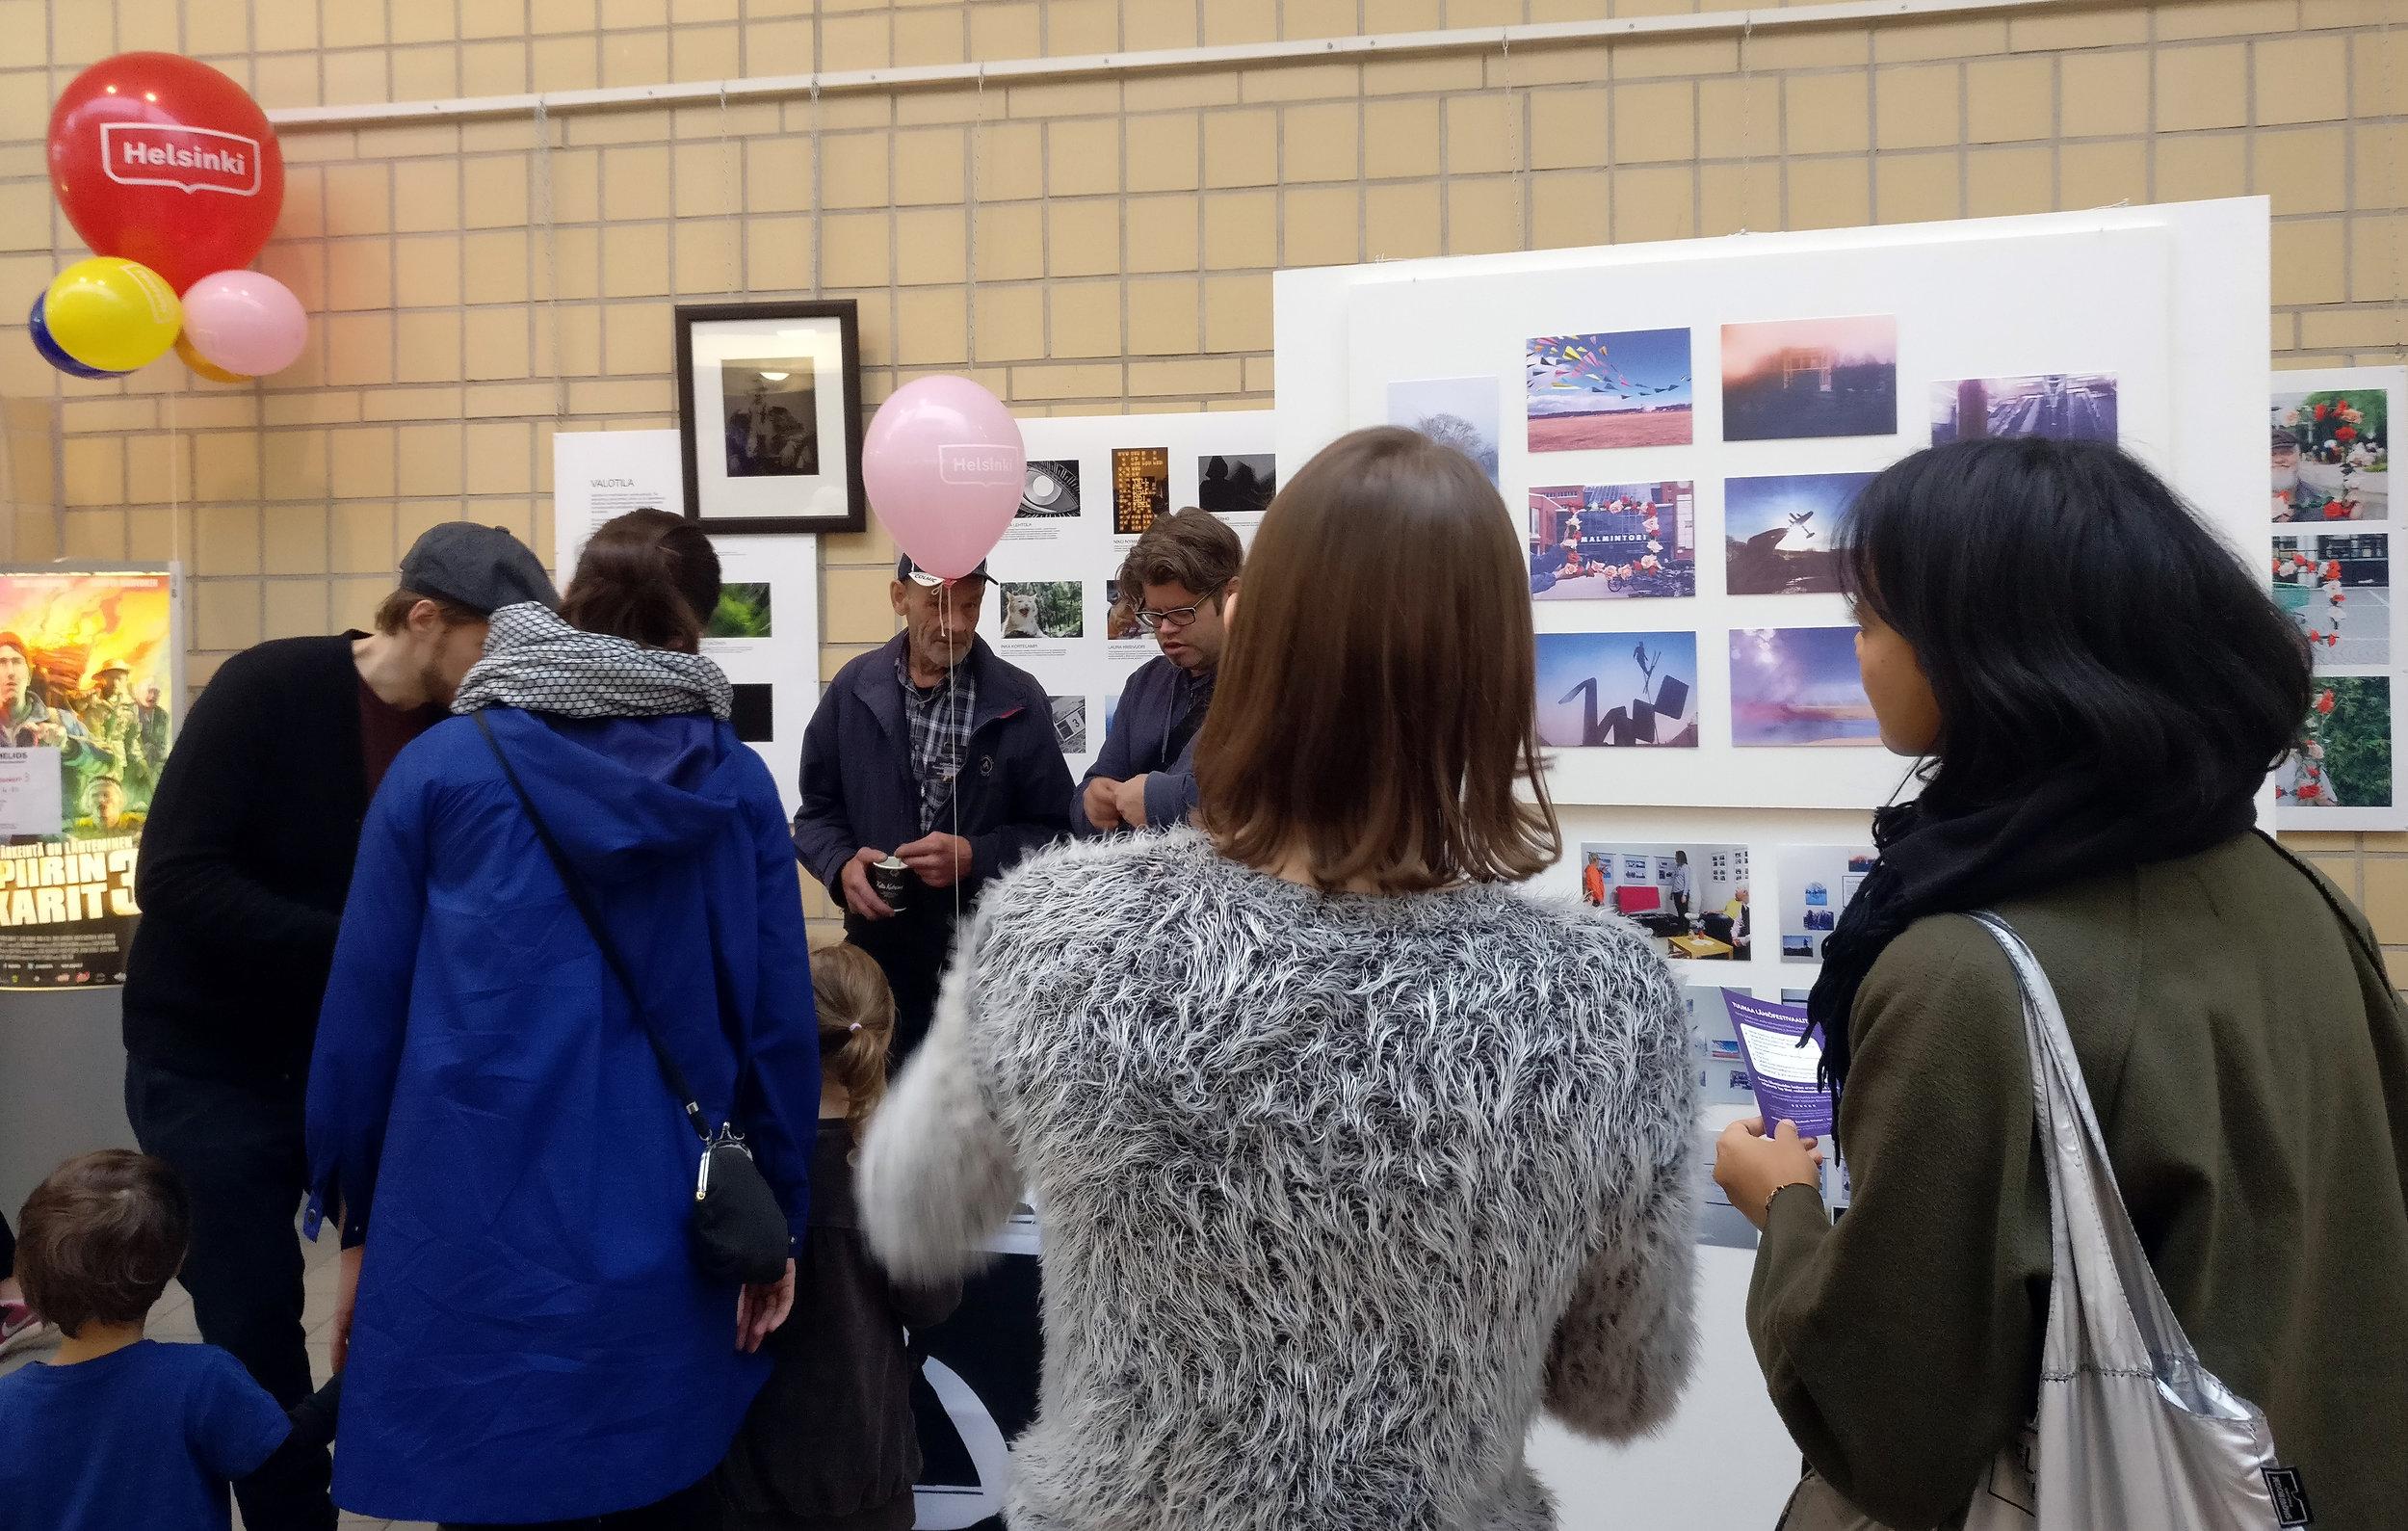 Syksy 2017: Järjestimme Lähiöfestin yhteydessä näyttelyn toiminnastamme ja järjestimme valokuvauskilpailun, jossa ihmisiä haastettiin asettamaan leikekuvia miljööseen.